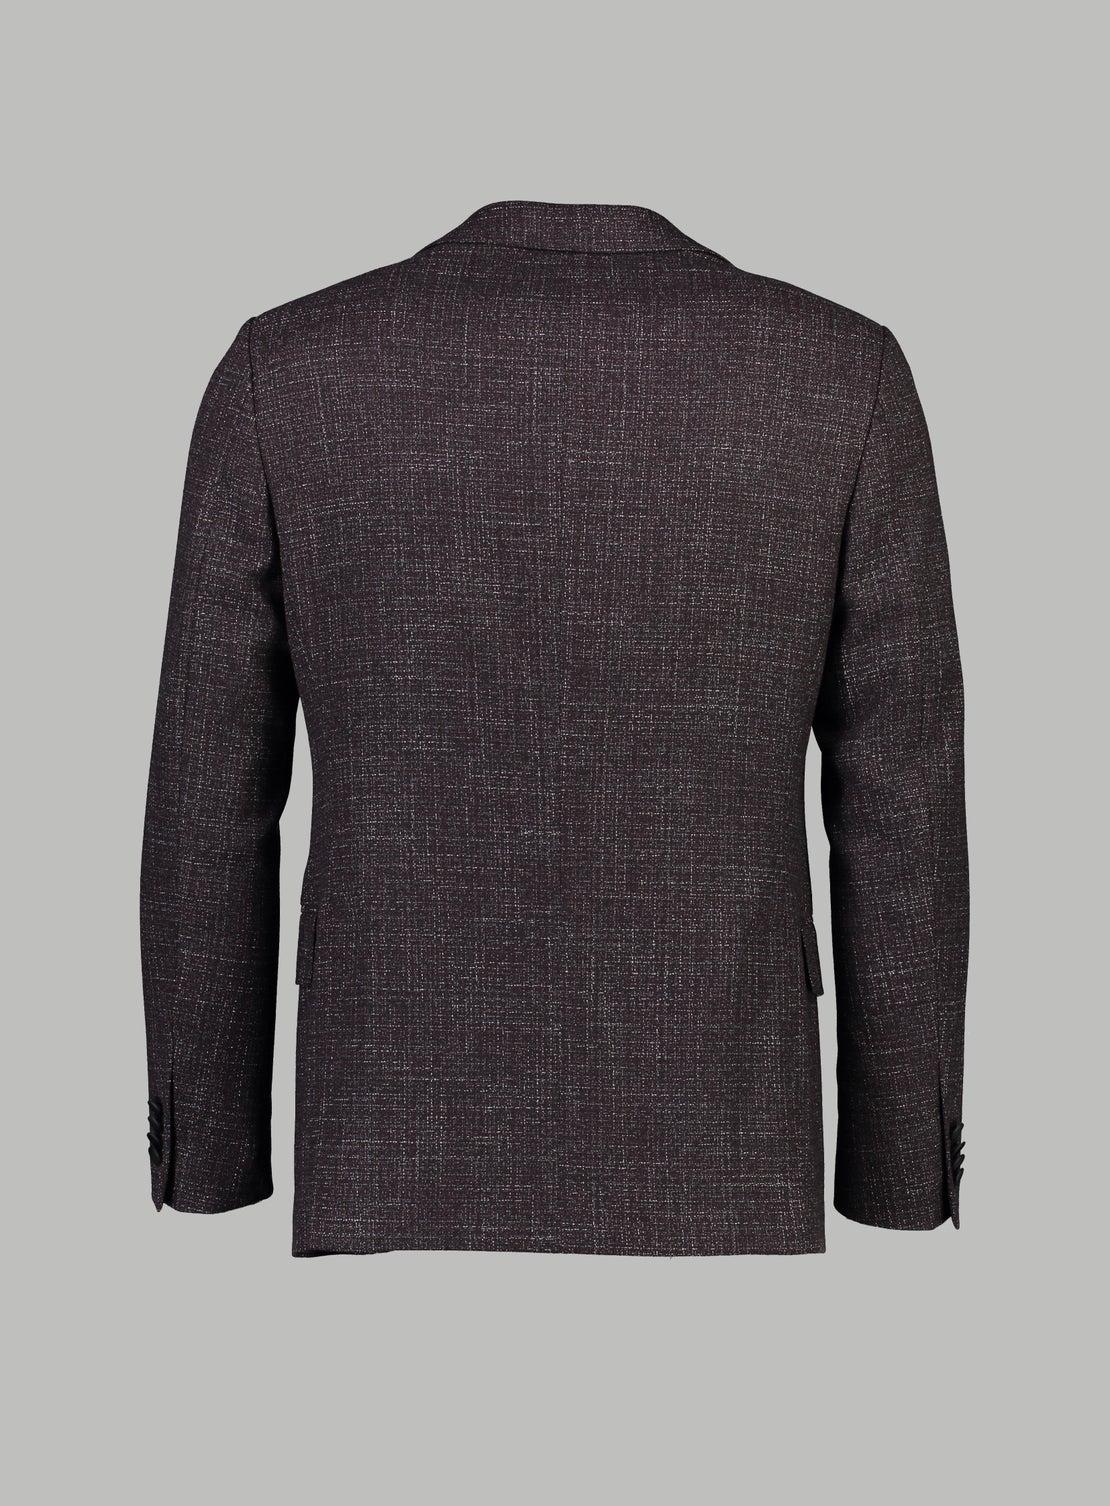 Ash Burgundy Melange Jacket